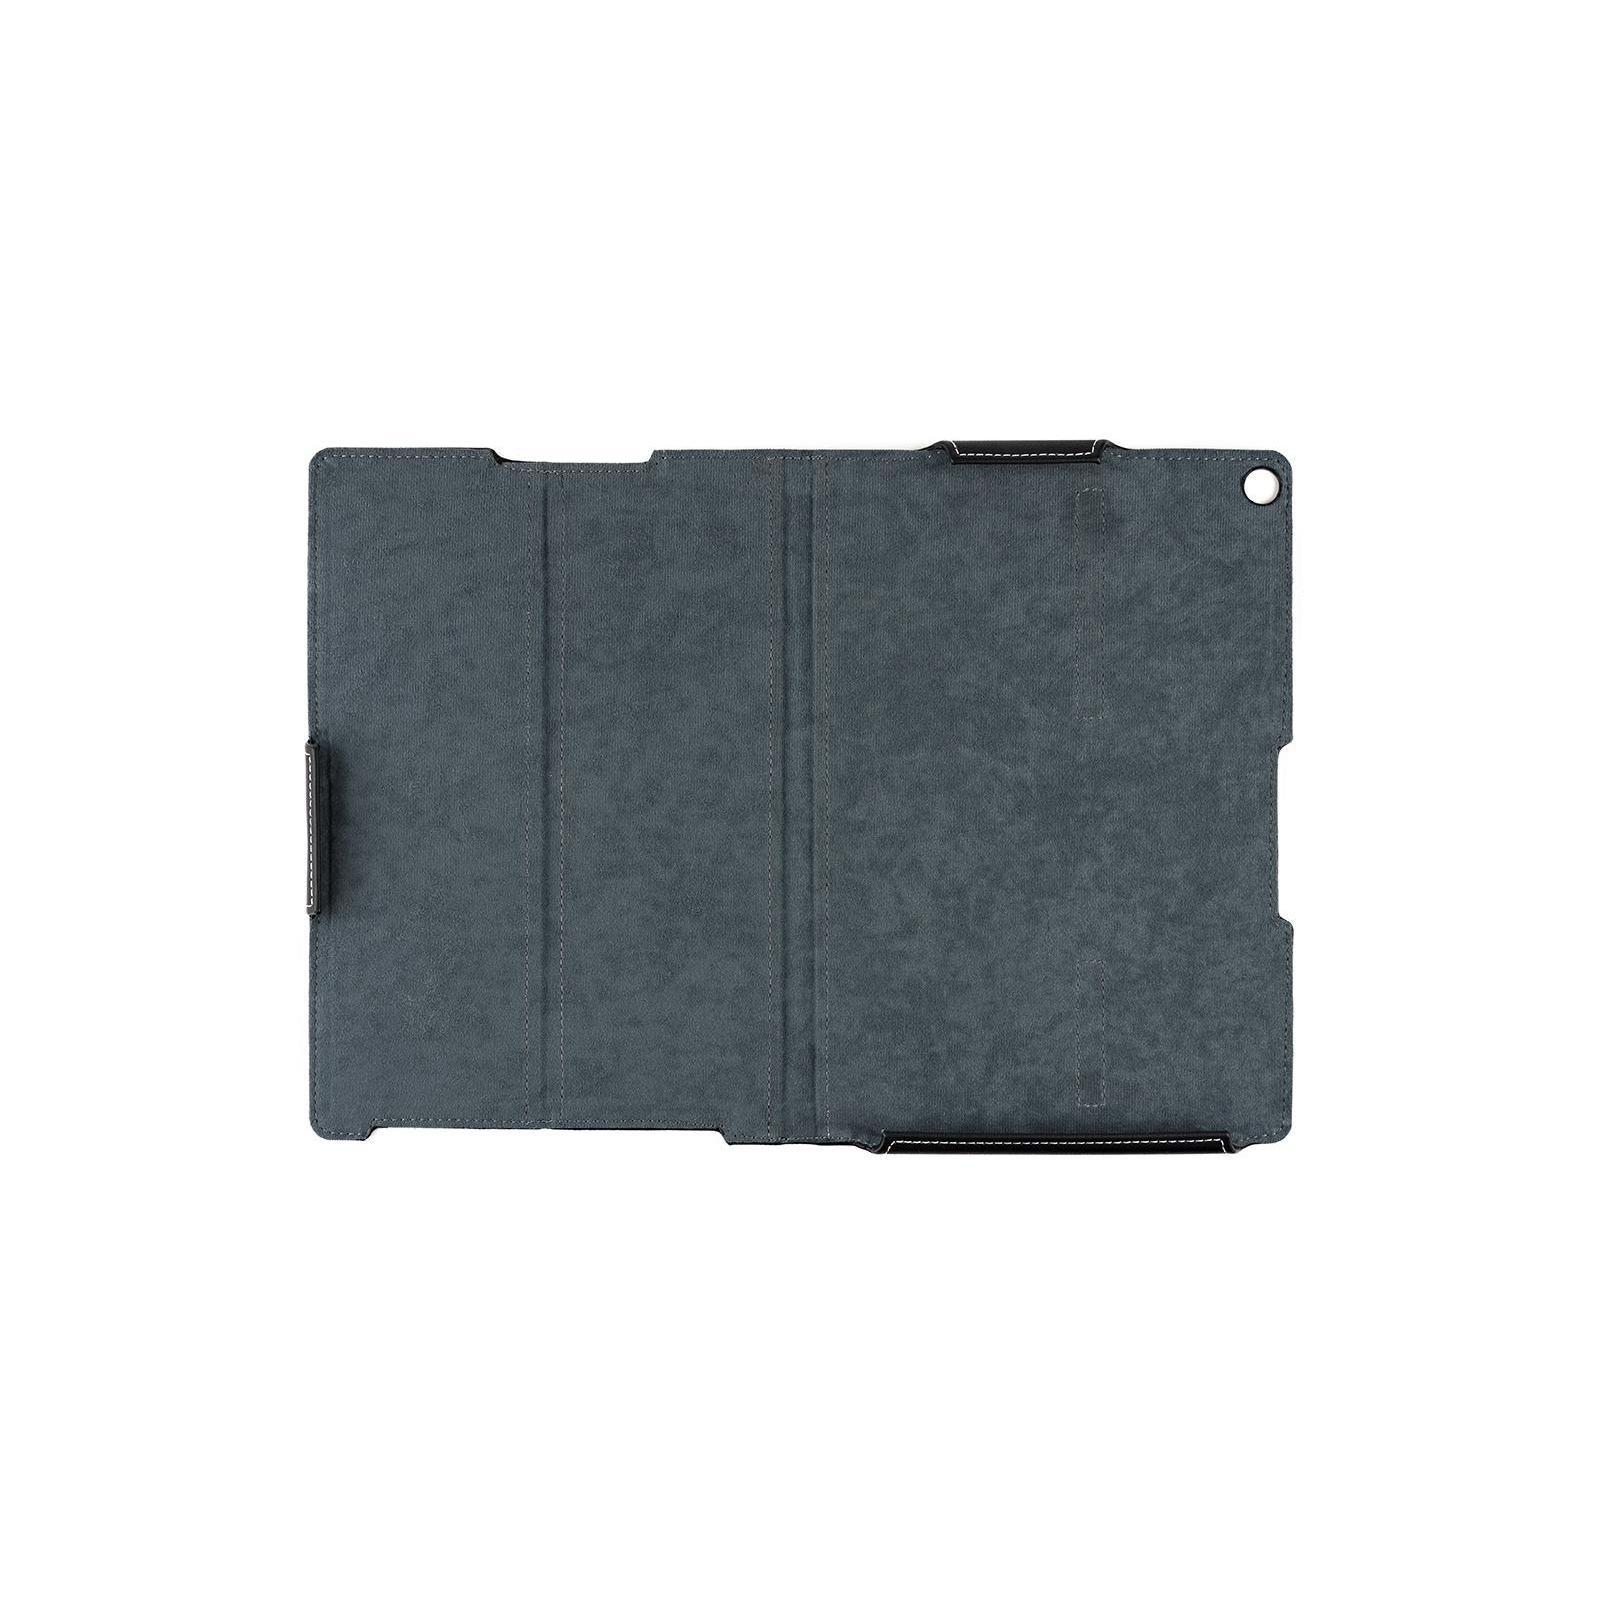 Чехол для планшета ASUS ZenPad 10 Z301 black Vinga (VNZP301MFL) изображение 6